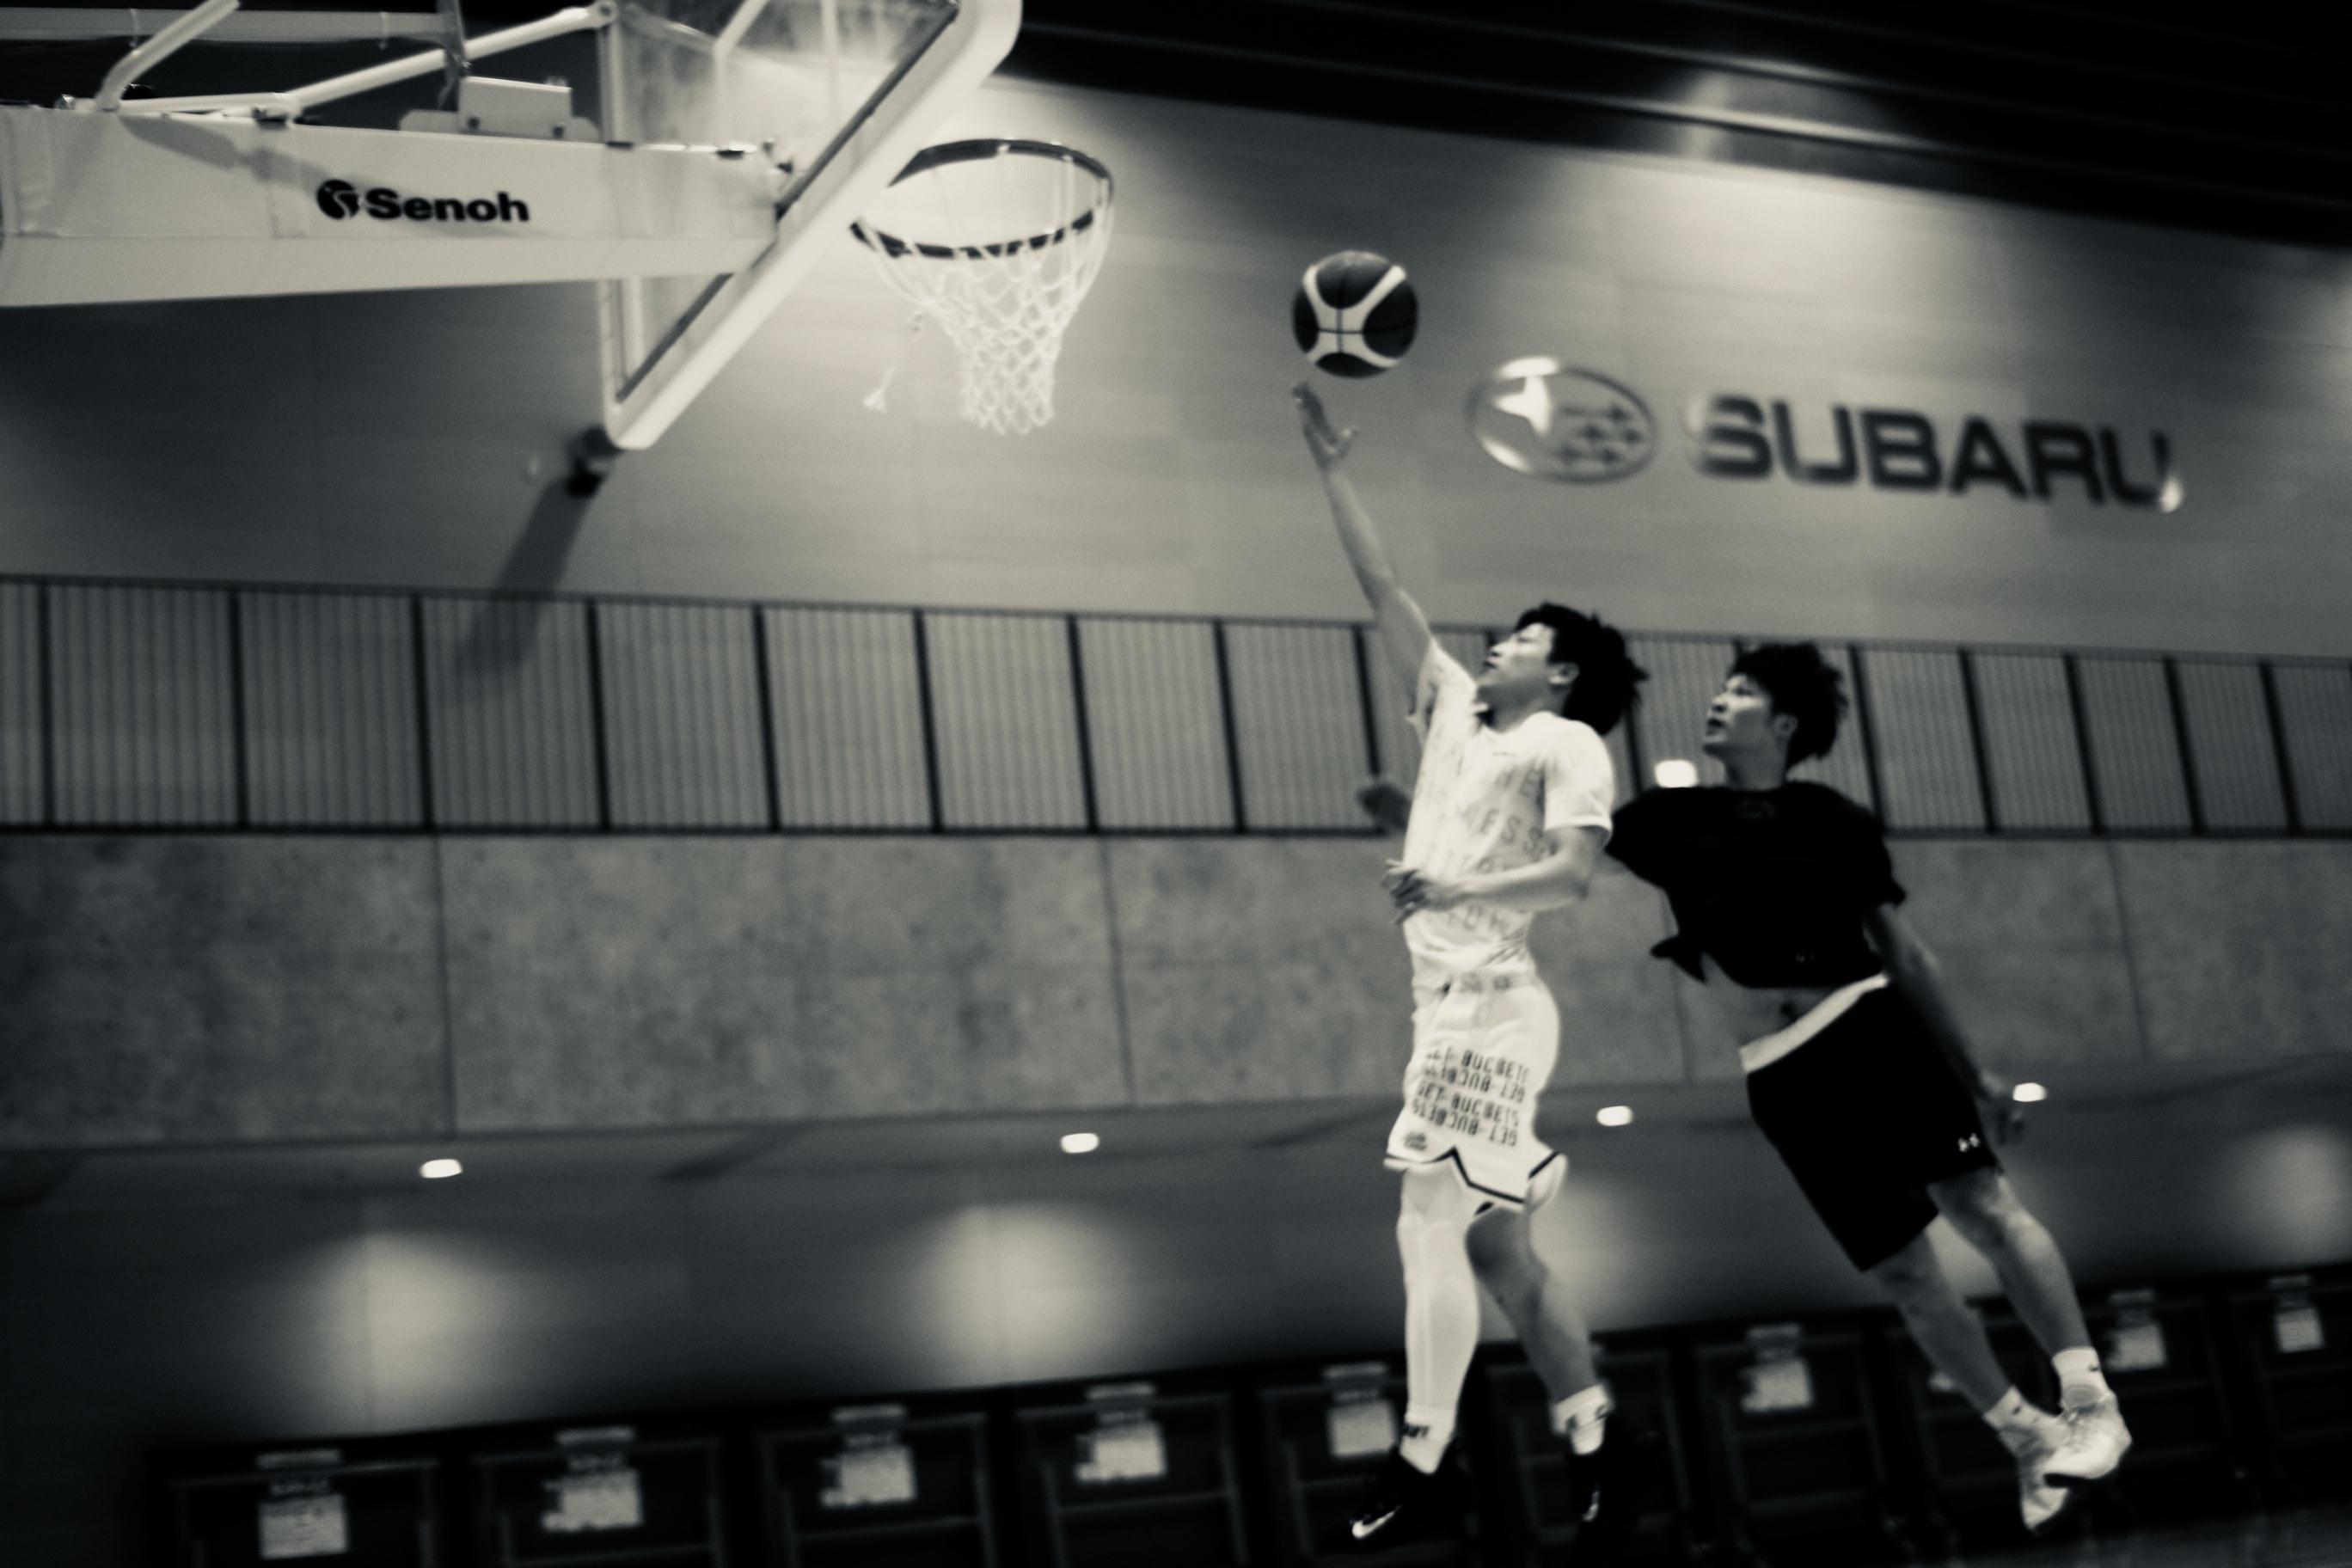 若手プレイヤーの奮闘と挑戦 No.12